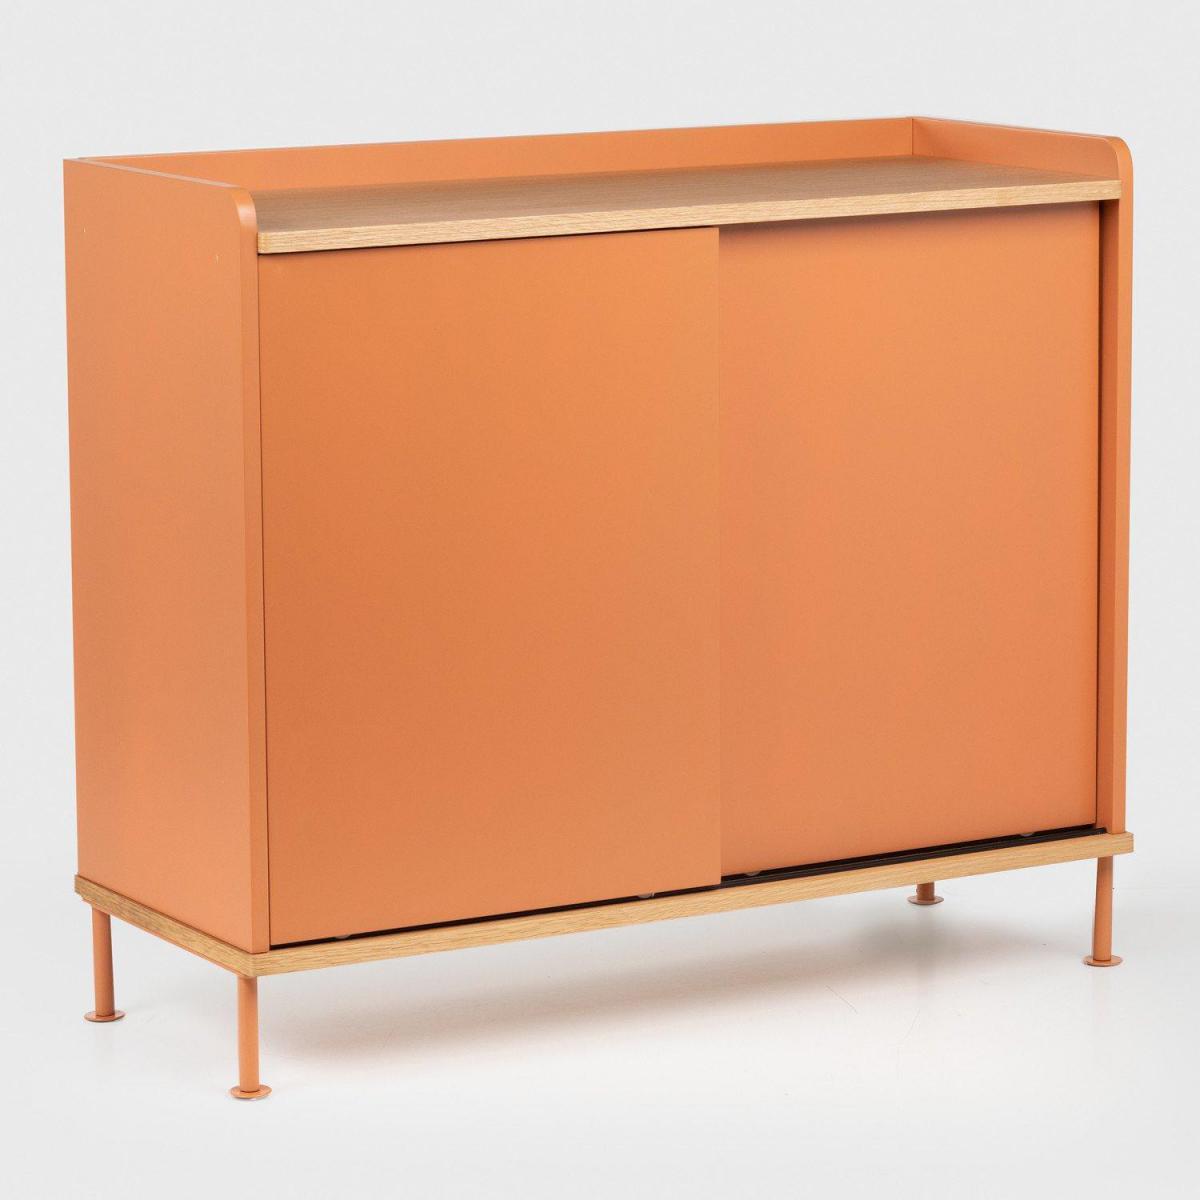 Stylez Buffet couleur mat orange